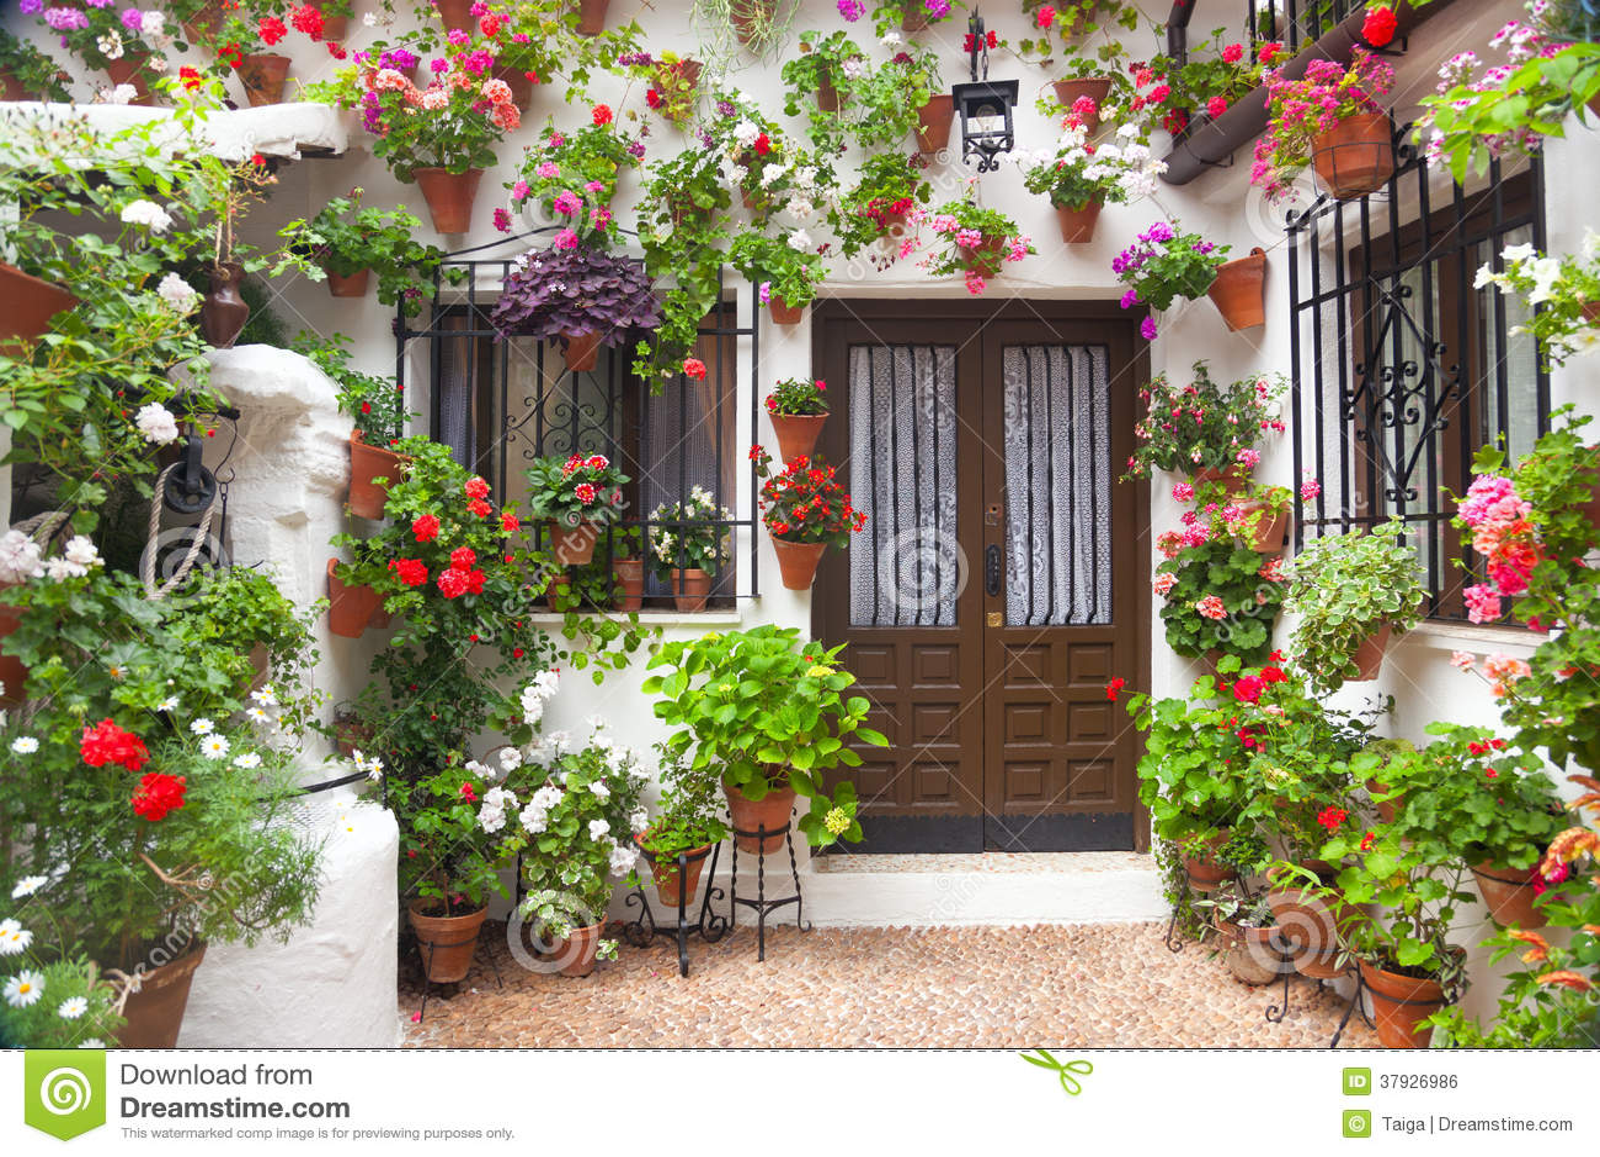 Διακόσμηση λουλουδιών του εκλεκτής ποιότητας προαυλίου, Ισπανία, Ευρώπη